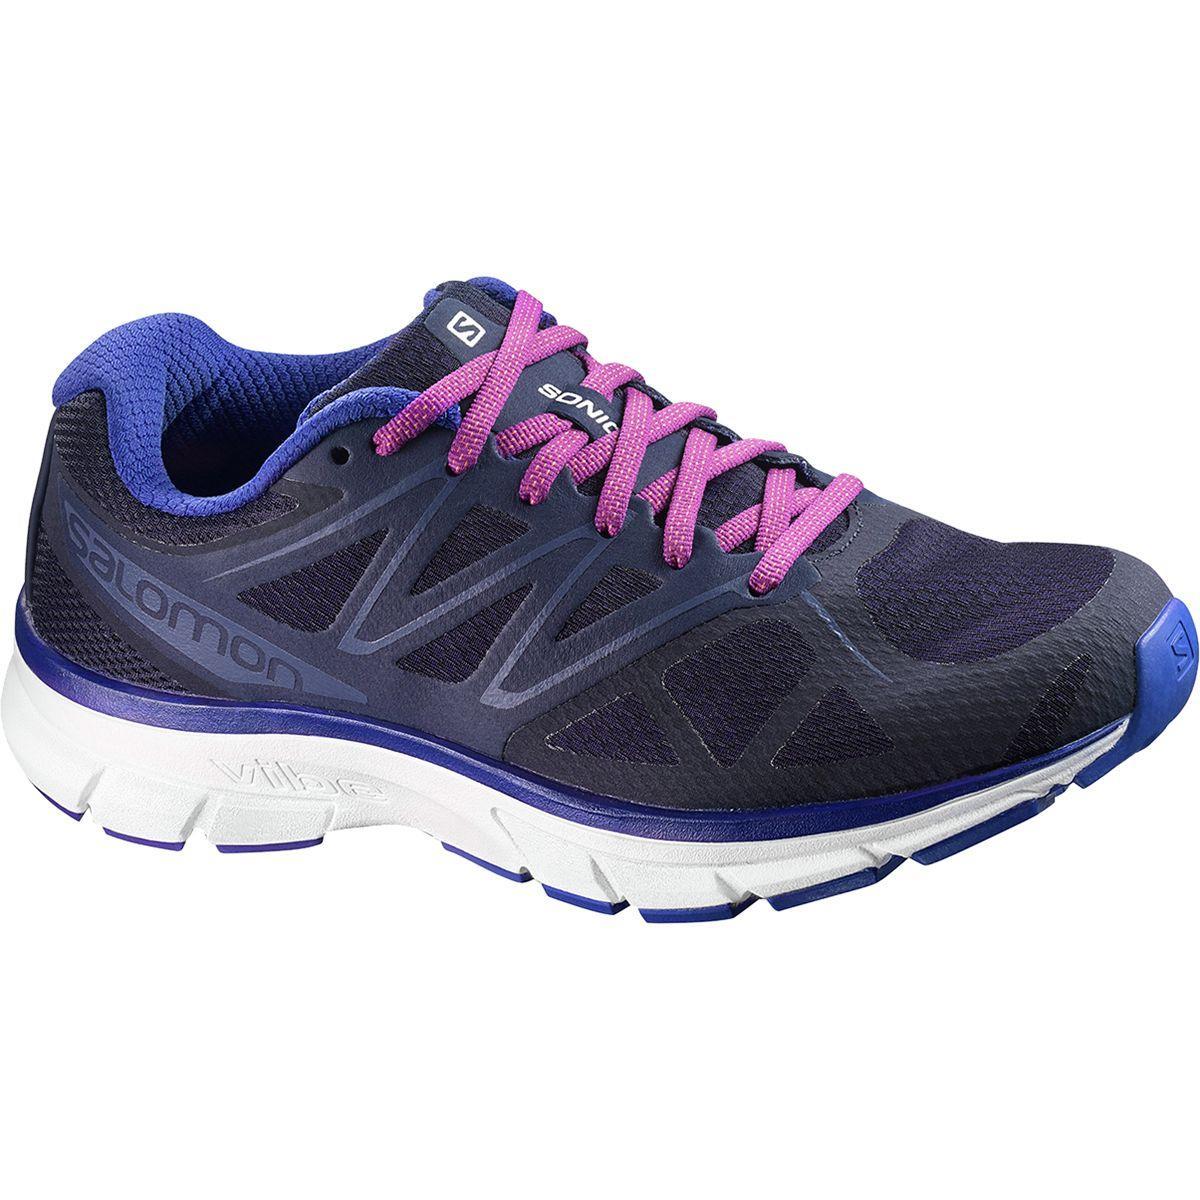 dafe9288e8ba Lyst - Yves Salomon Sonic Running Shoe in Blue